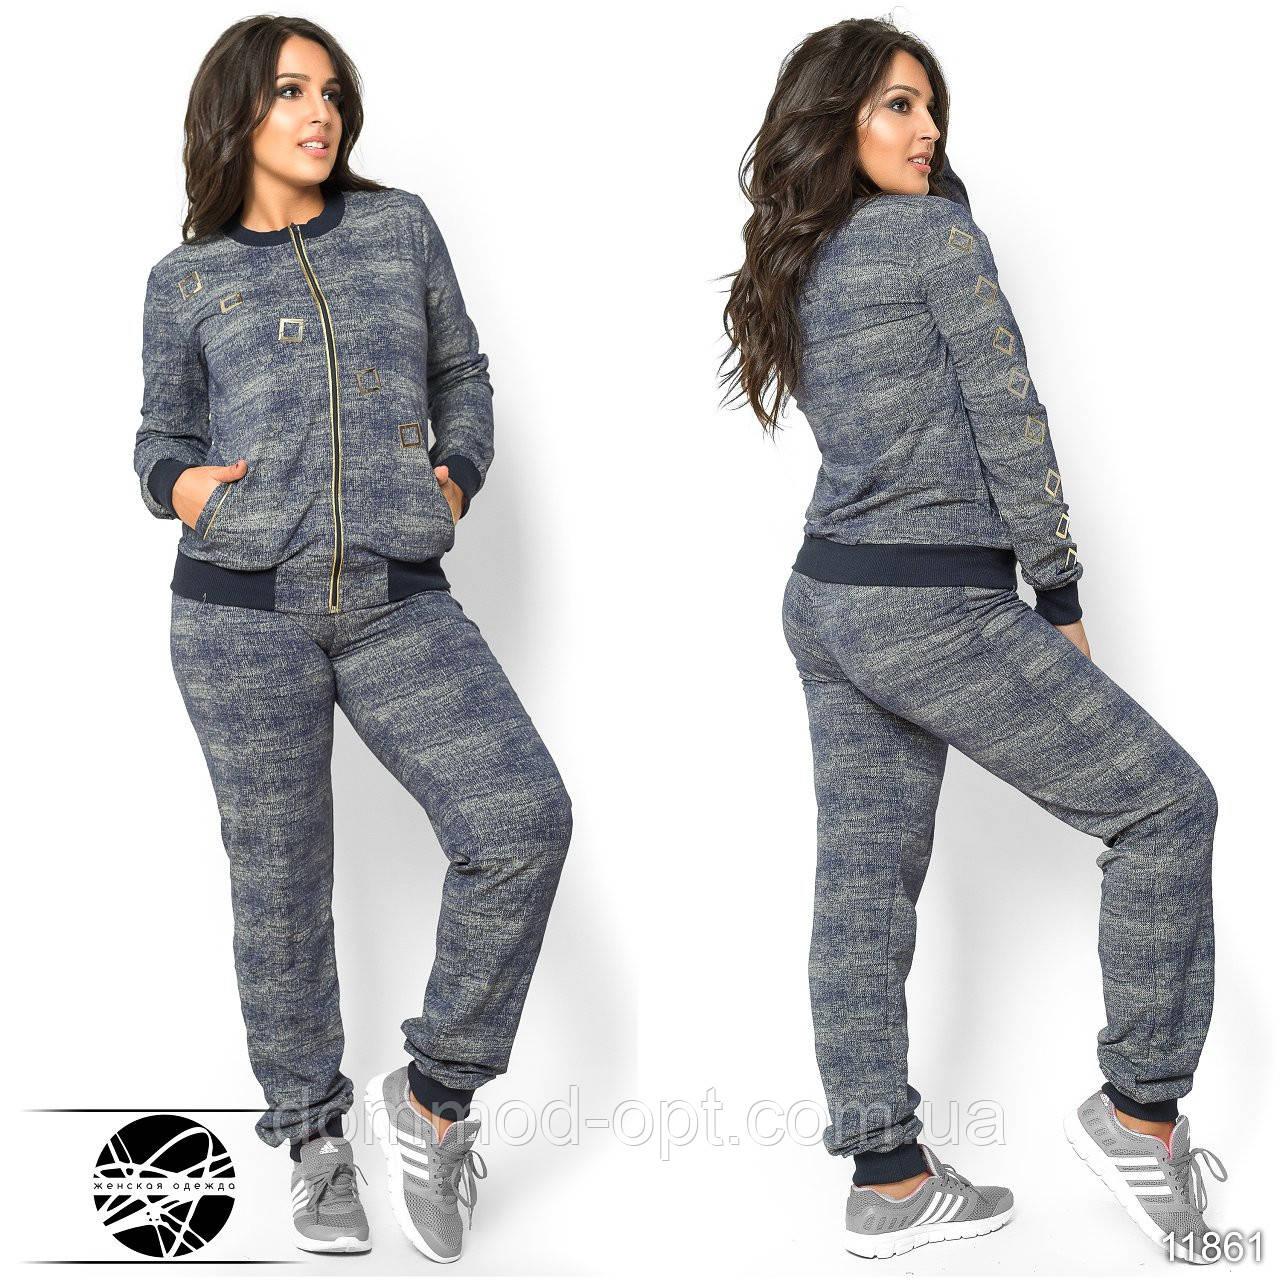 1046fa4ae2f8 Женский стильный спортивный костюм   батал  темно-синий купить в ...